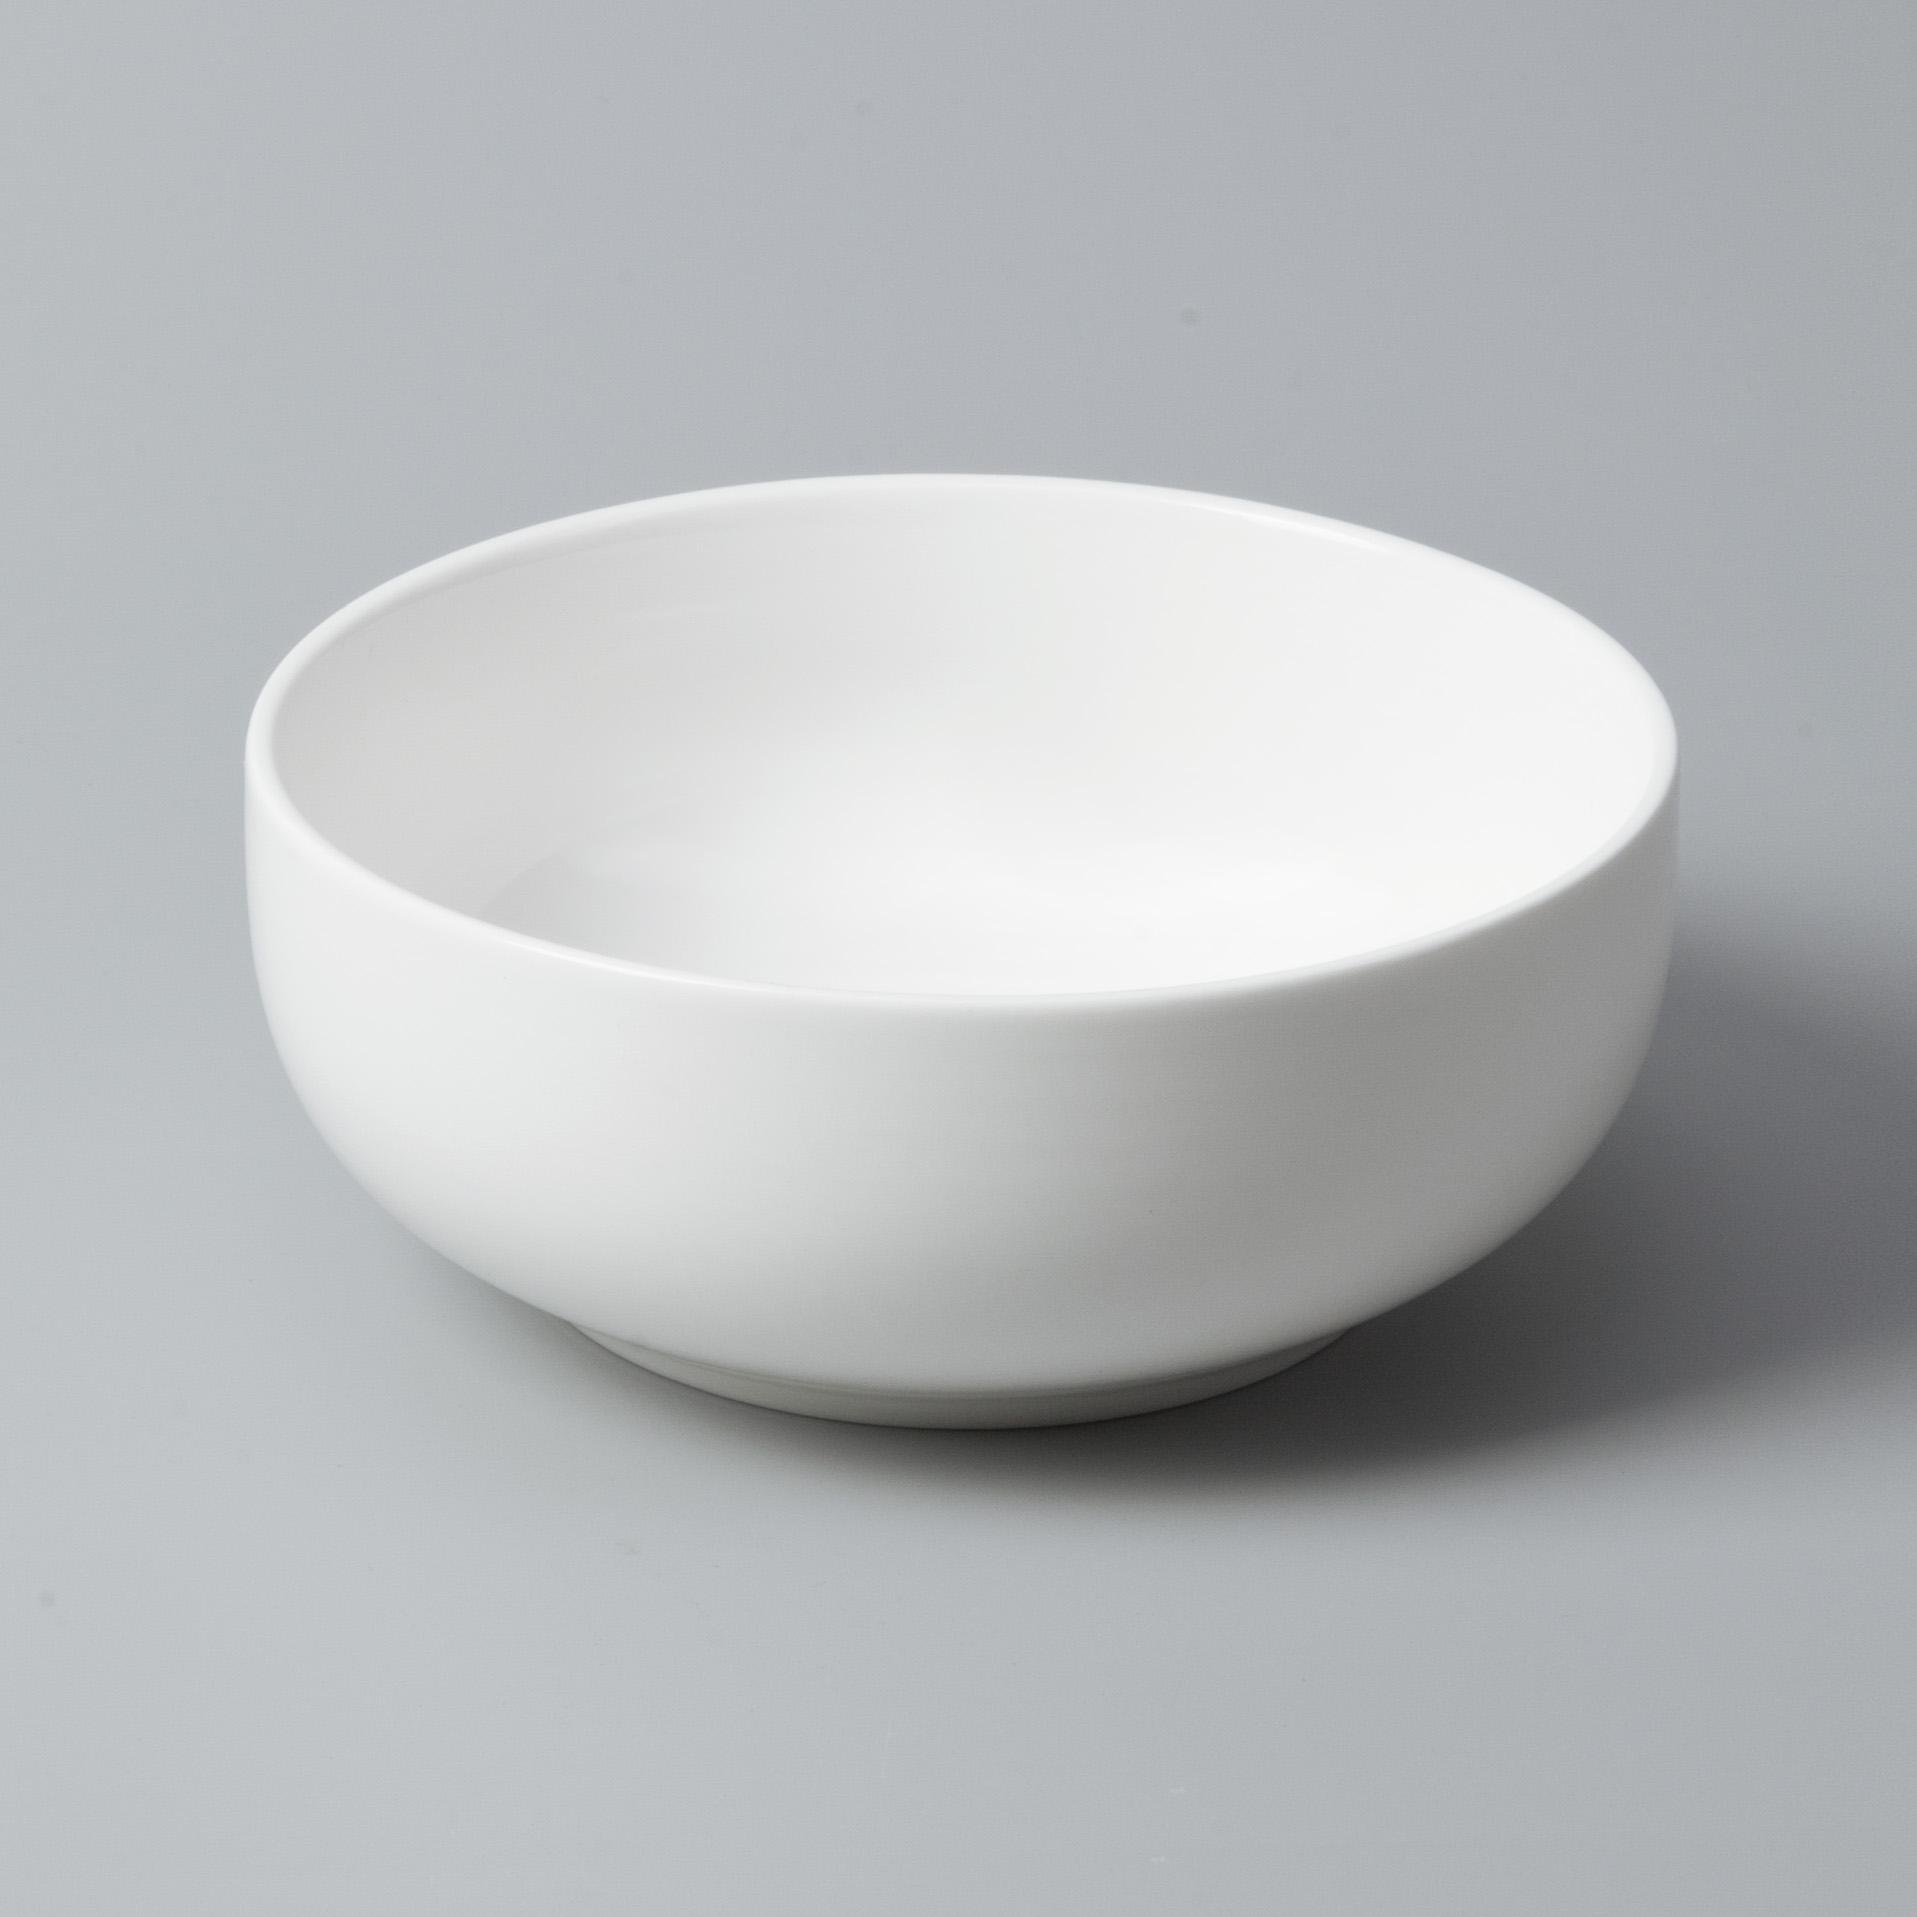 Two Eight bulk cheap porcelain dinner plates from China for dinner-8